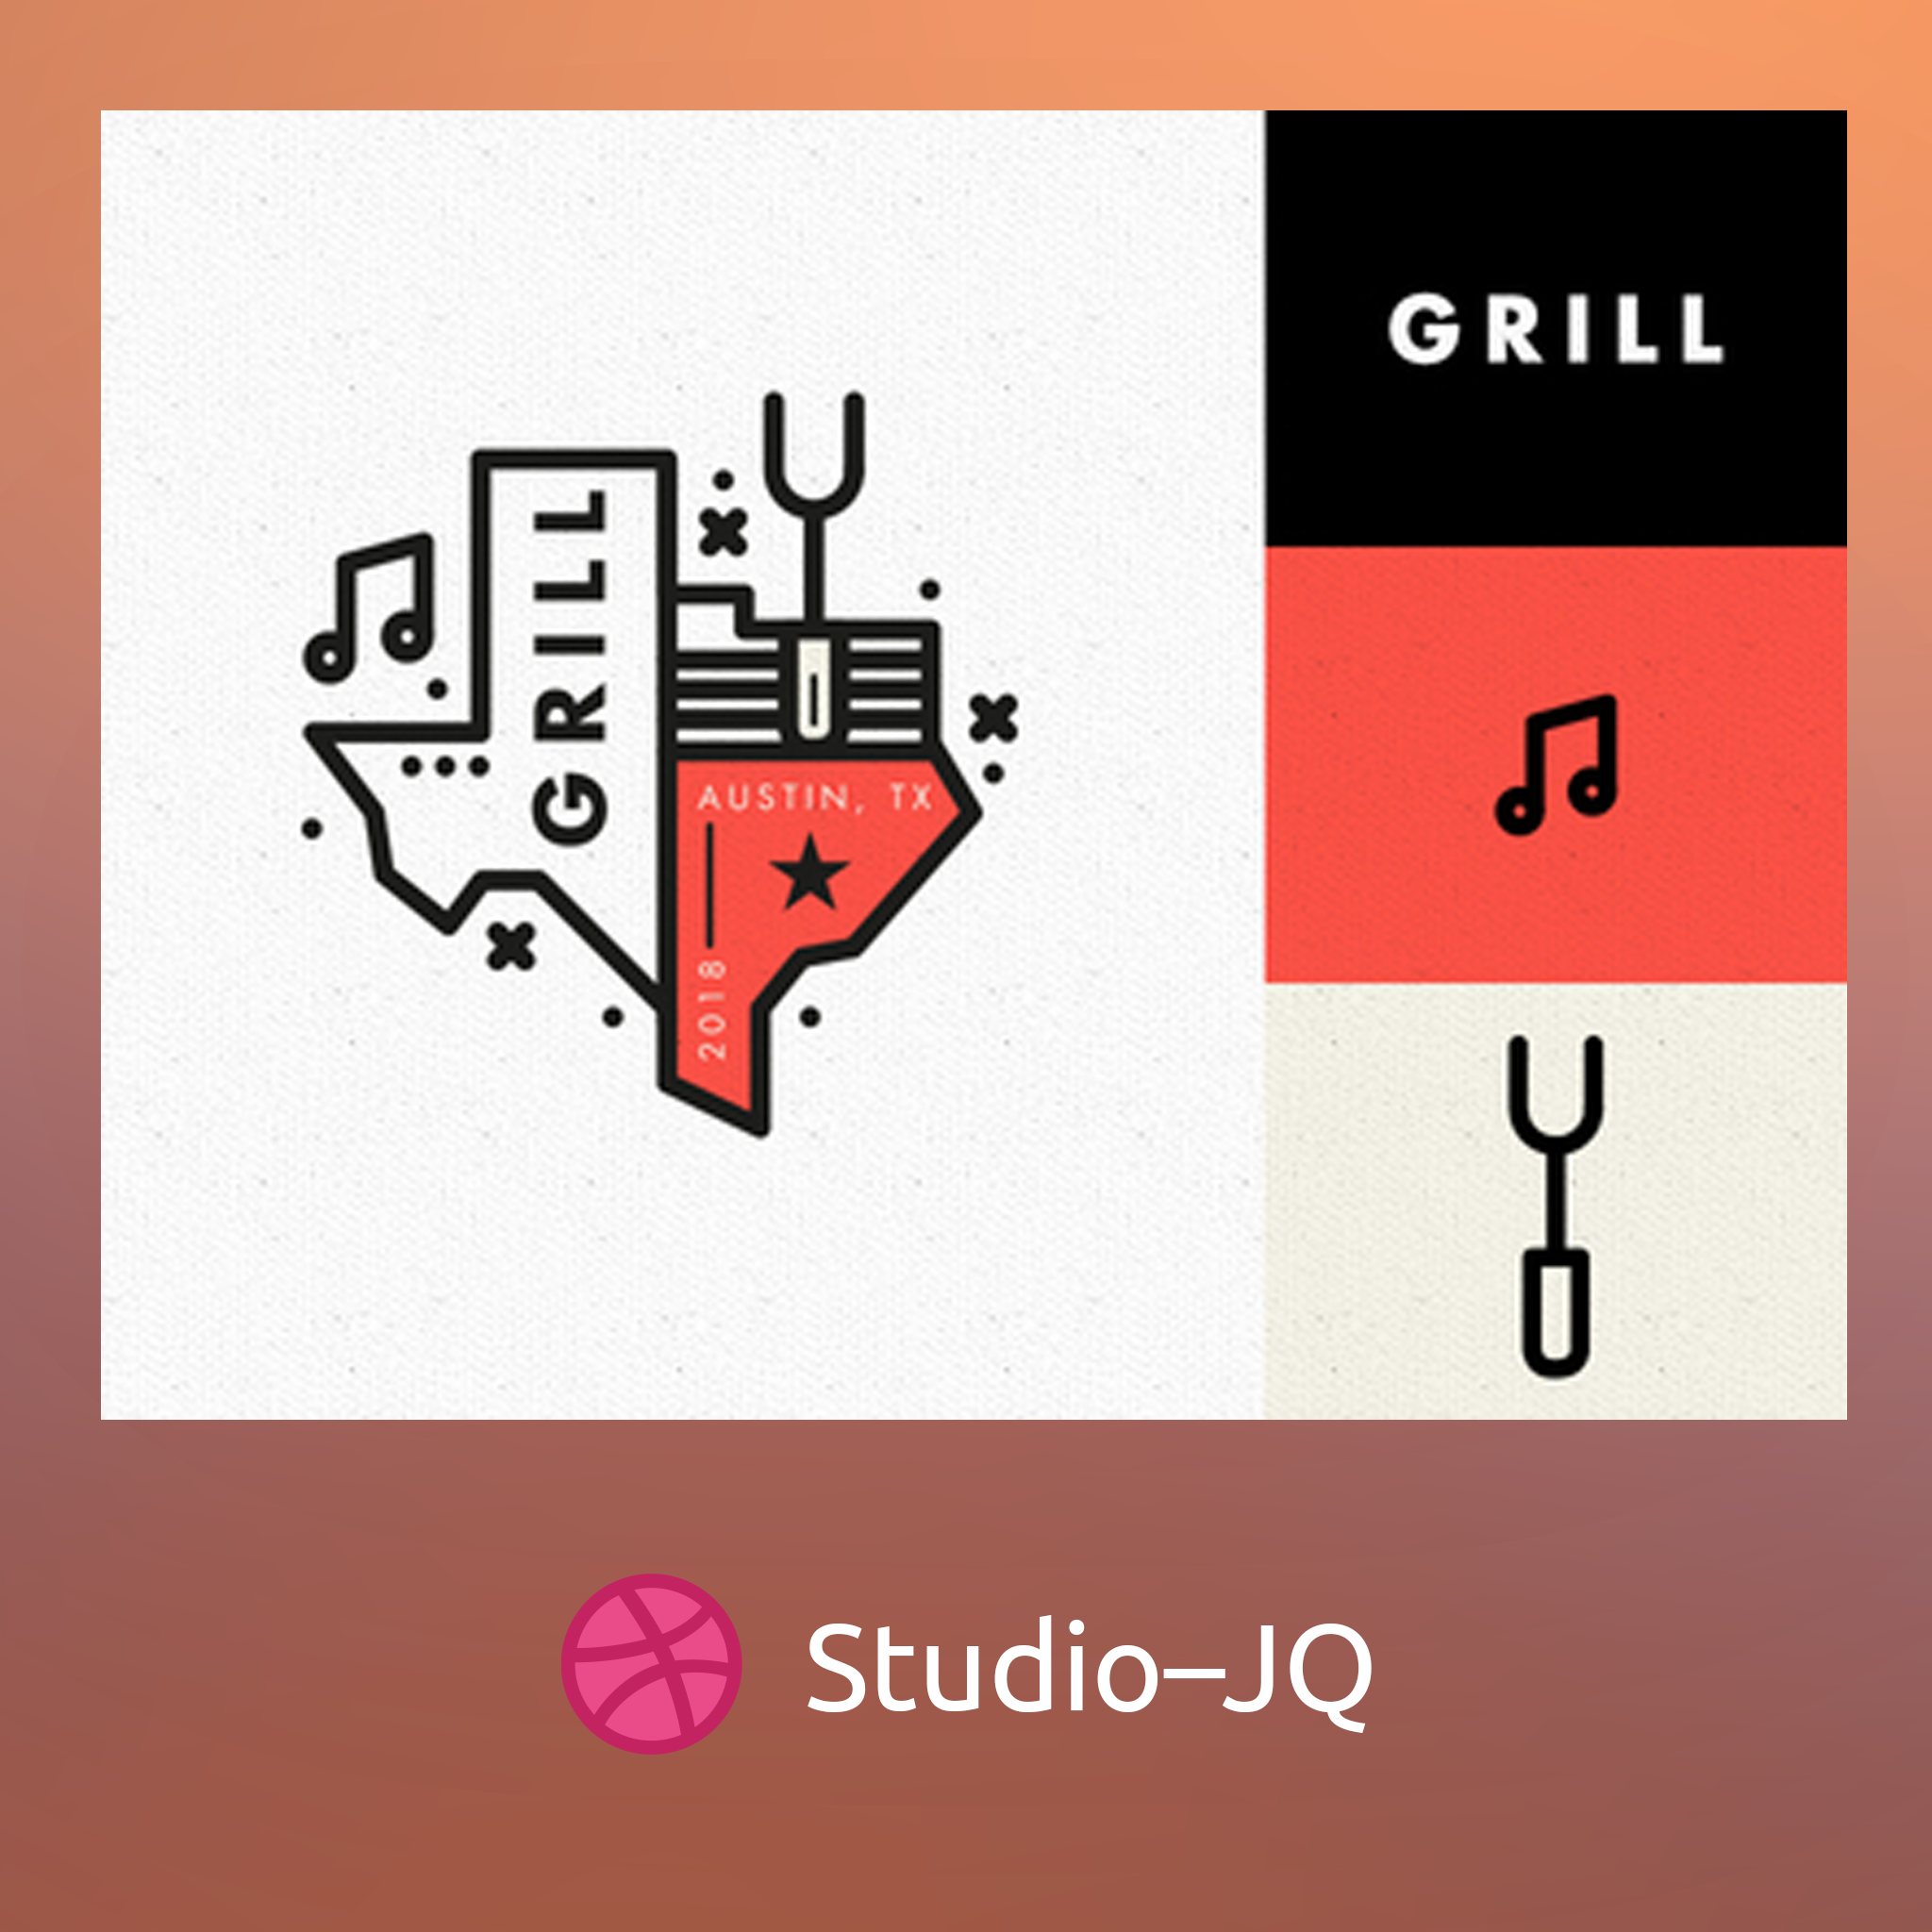 Dribbble post by StudioJQ Design, Instagram photo